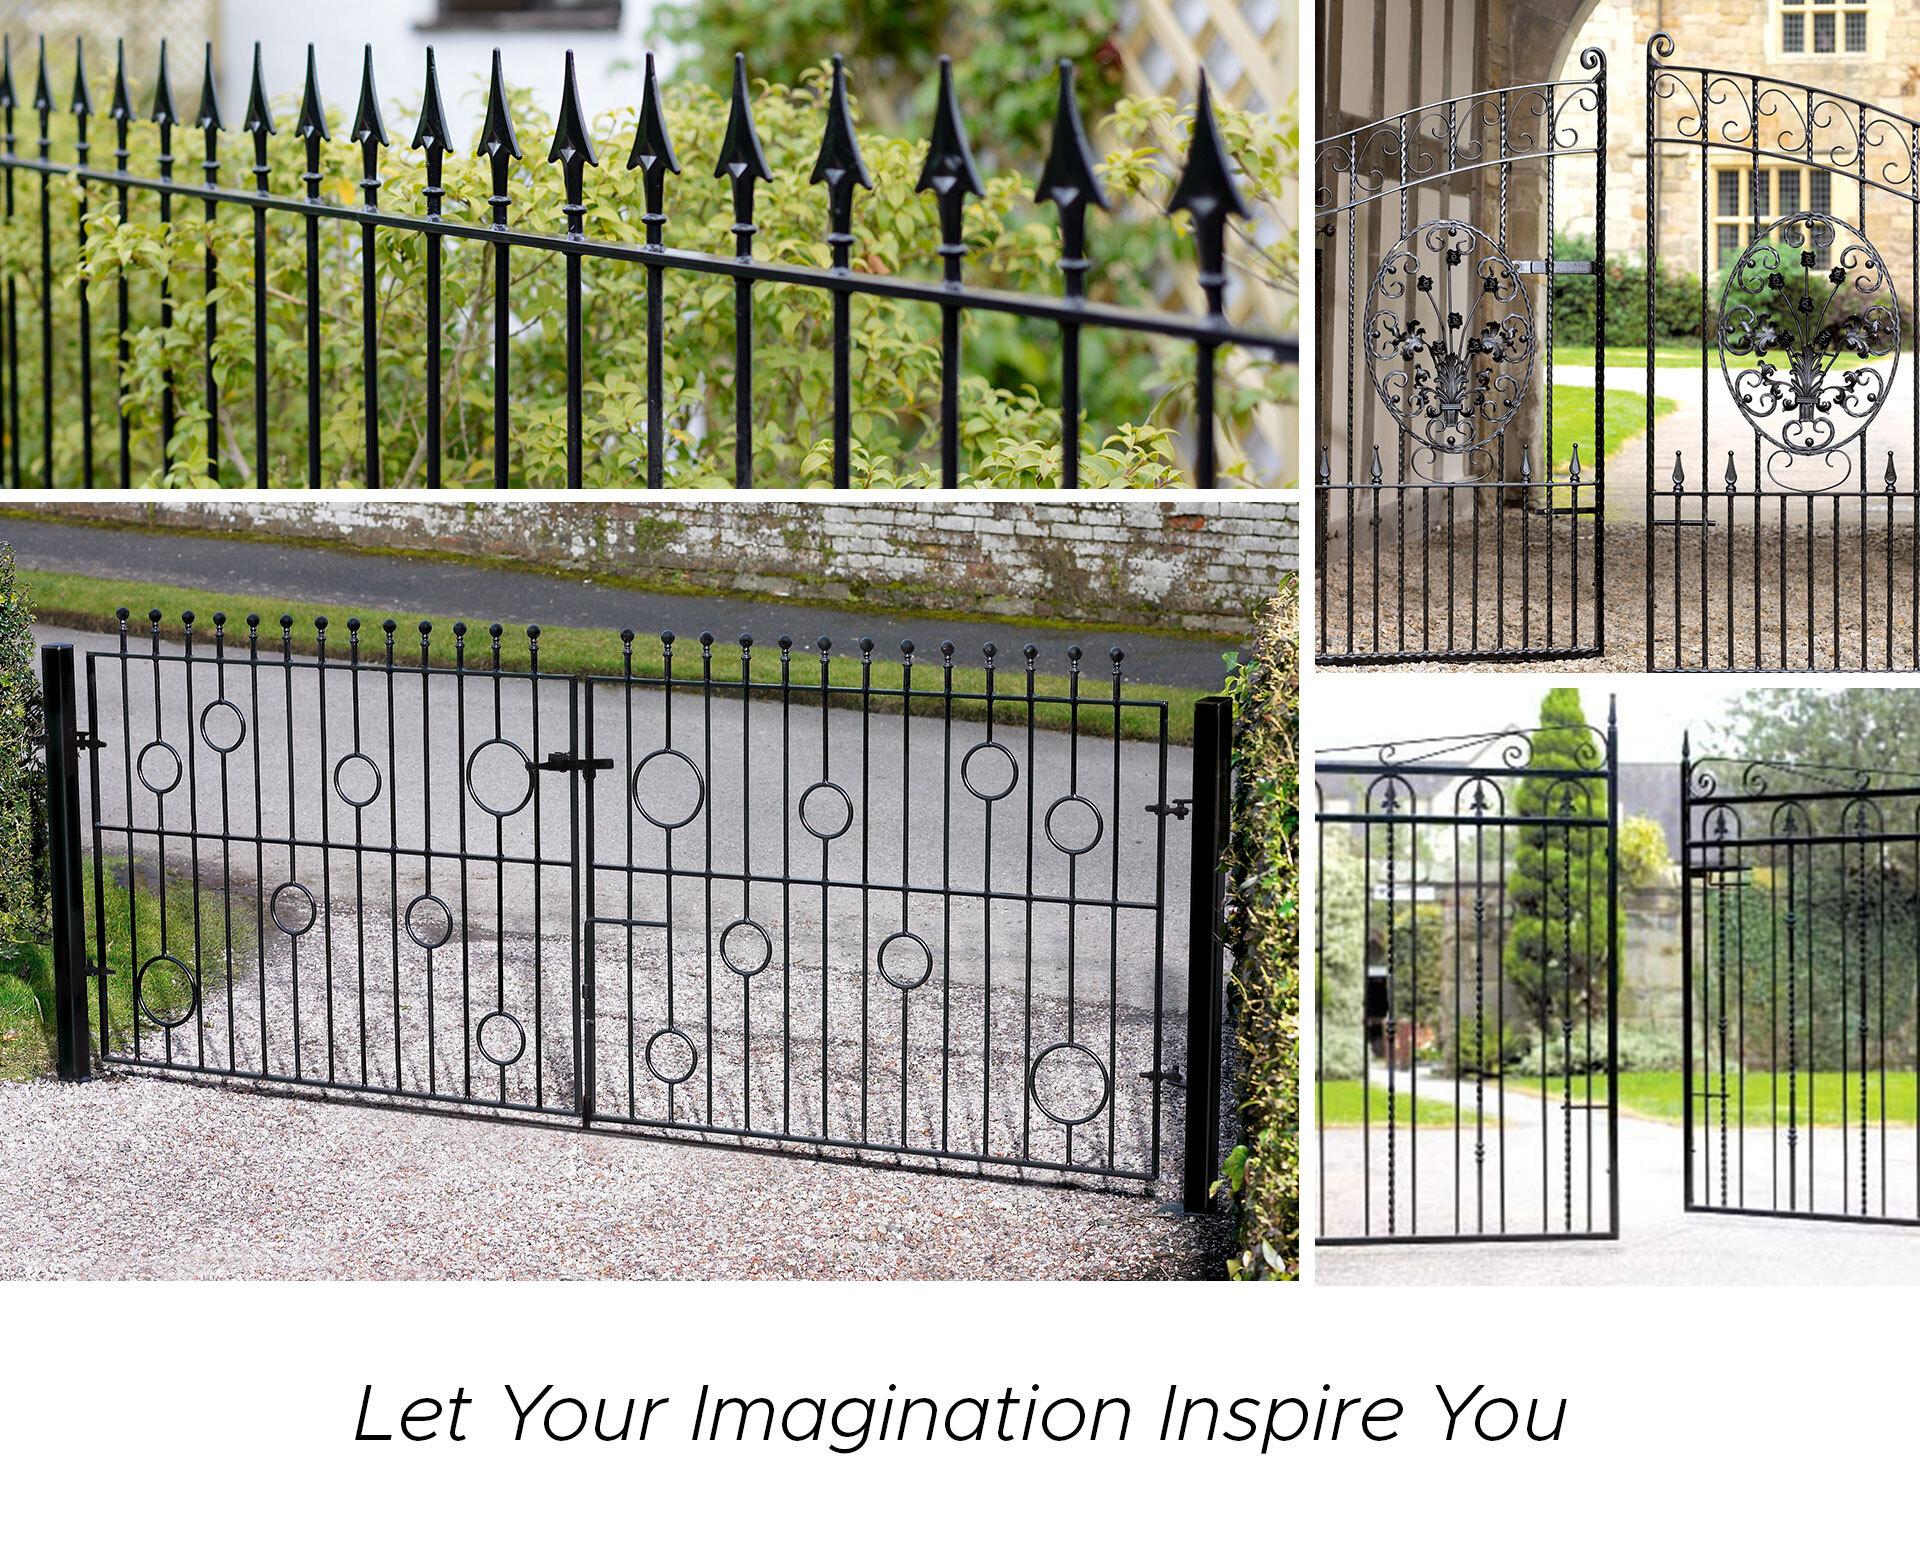 UK Driveway Gate Design examples